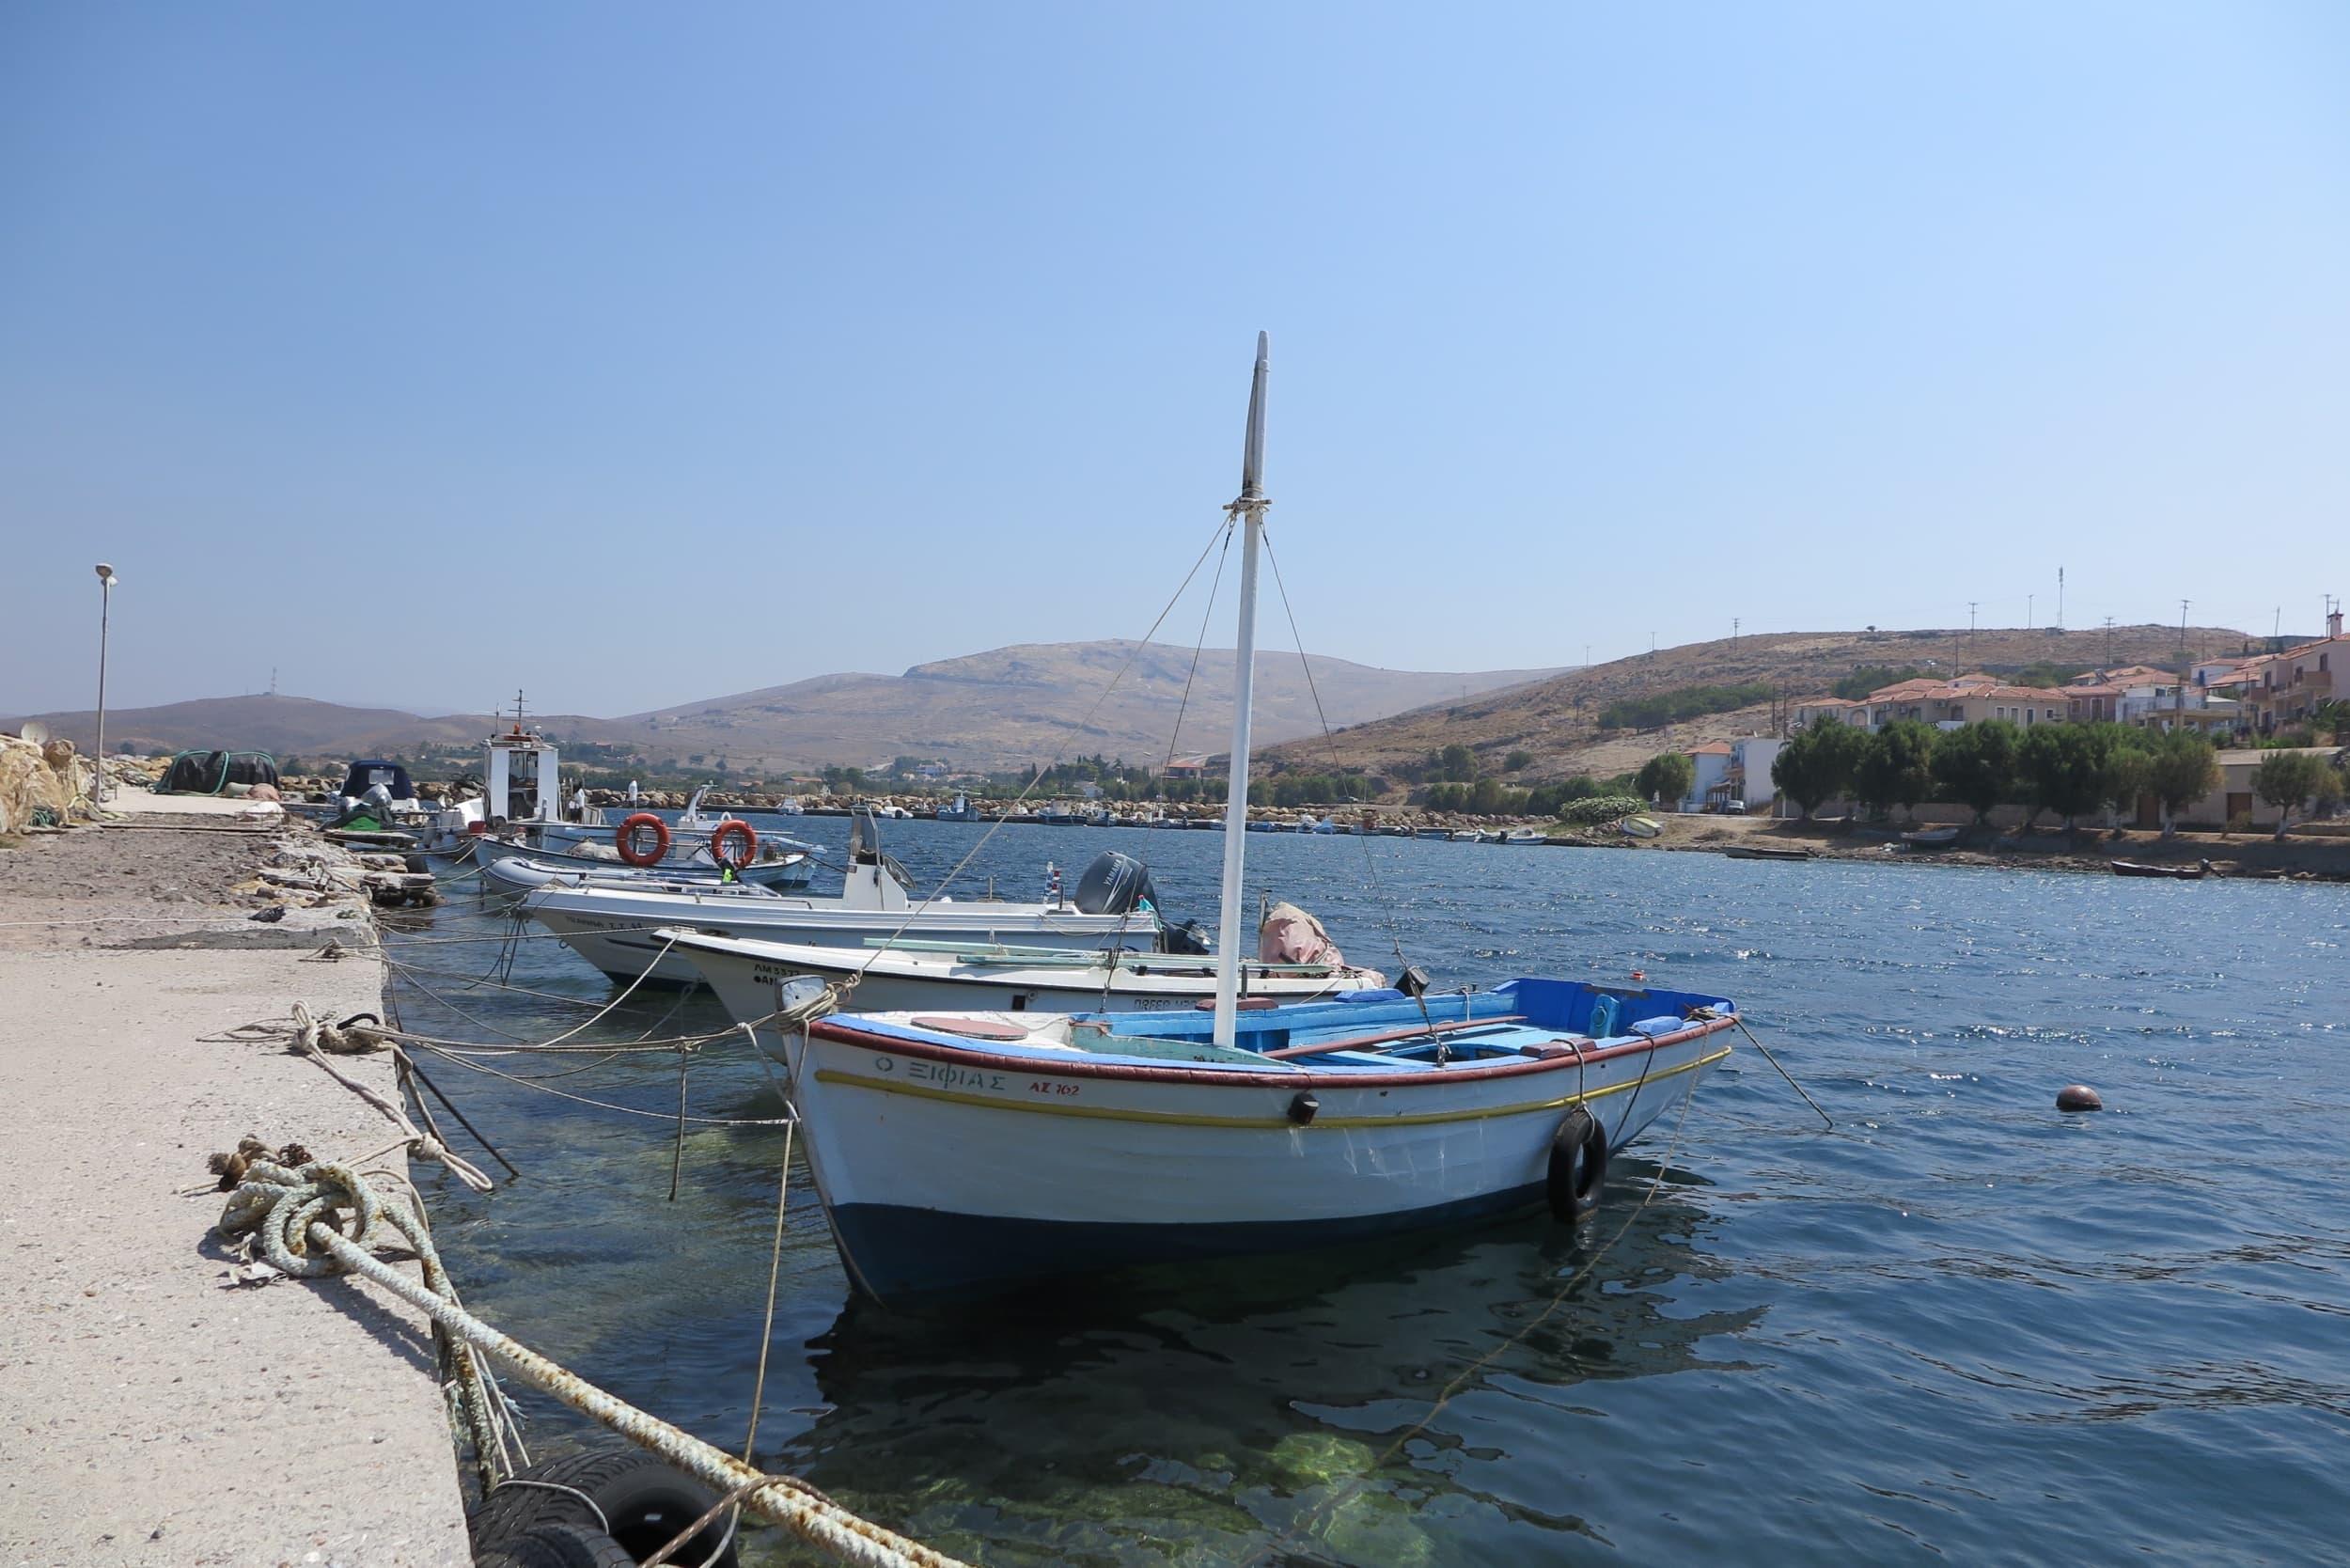 Botte im Hafen von Sigri auf Lesbos